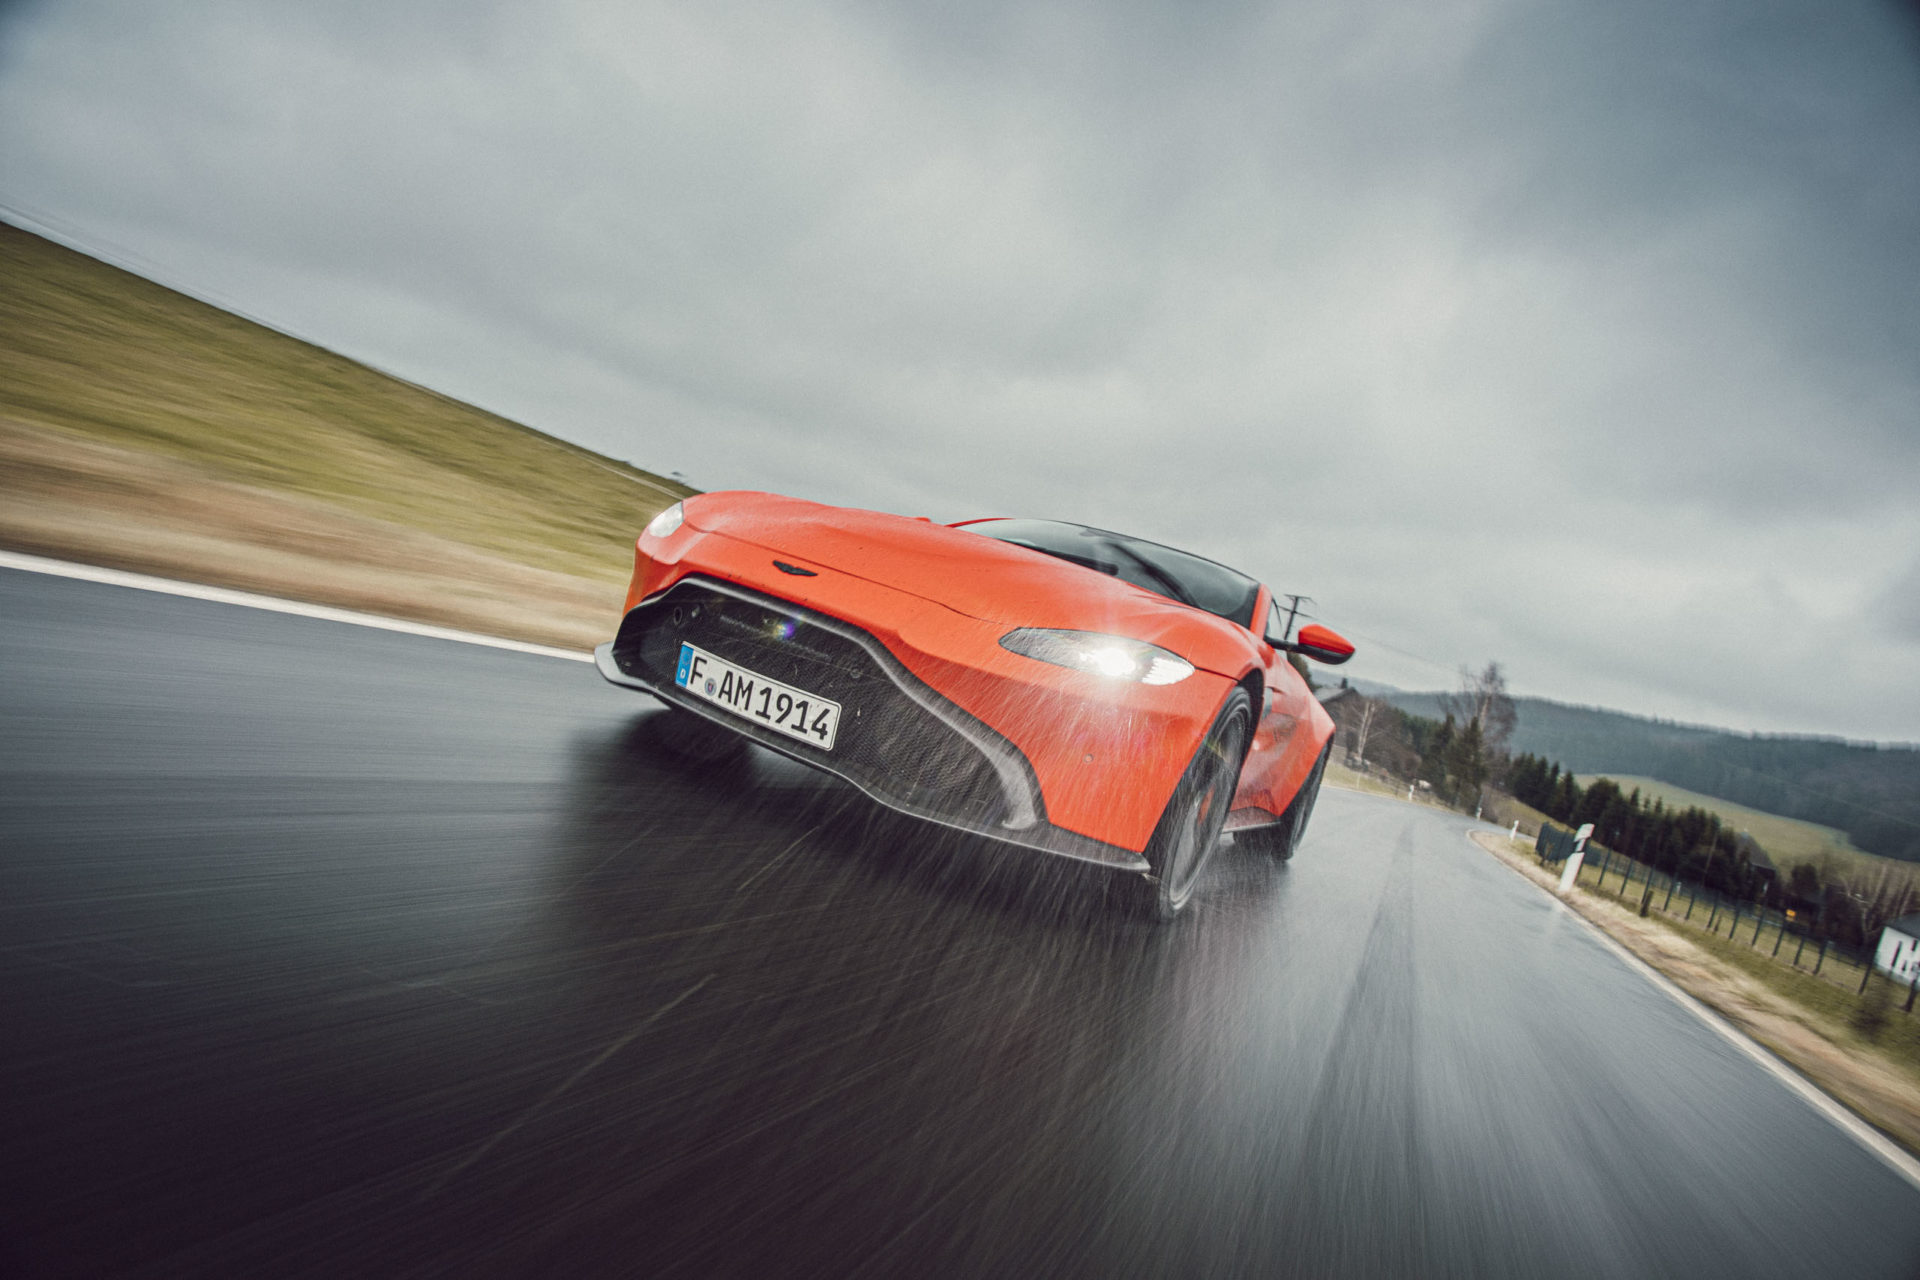 Roter Aston Martin Geneva während Regen bei der Fahrt